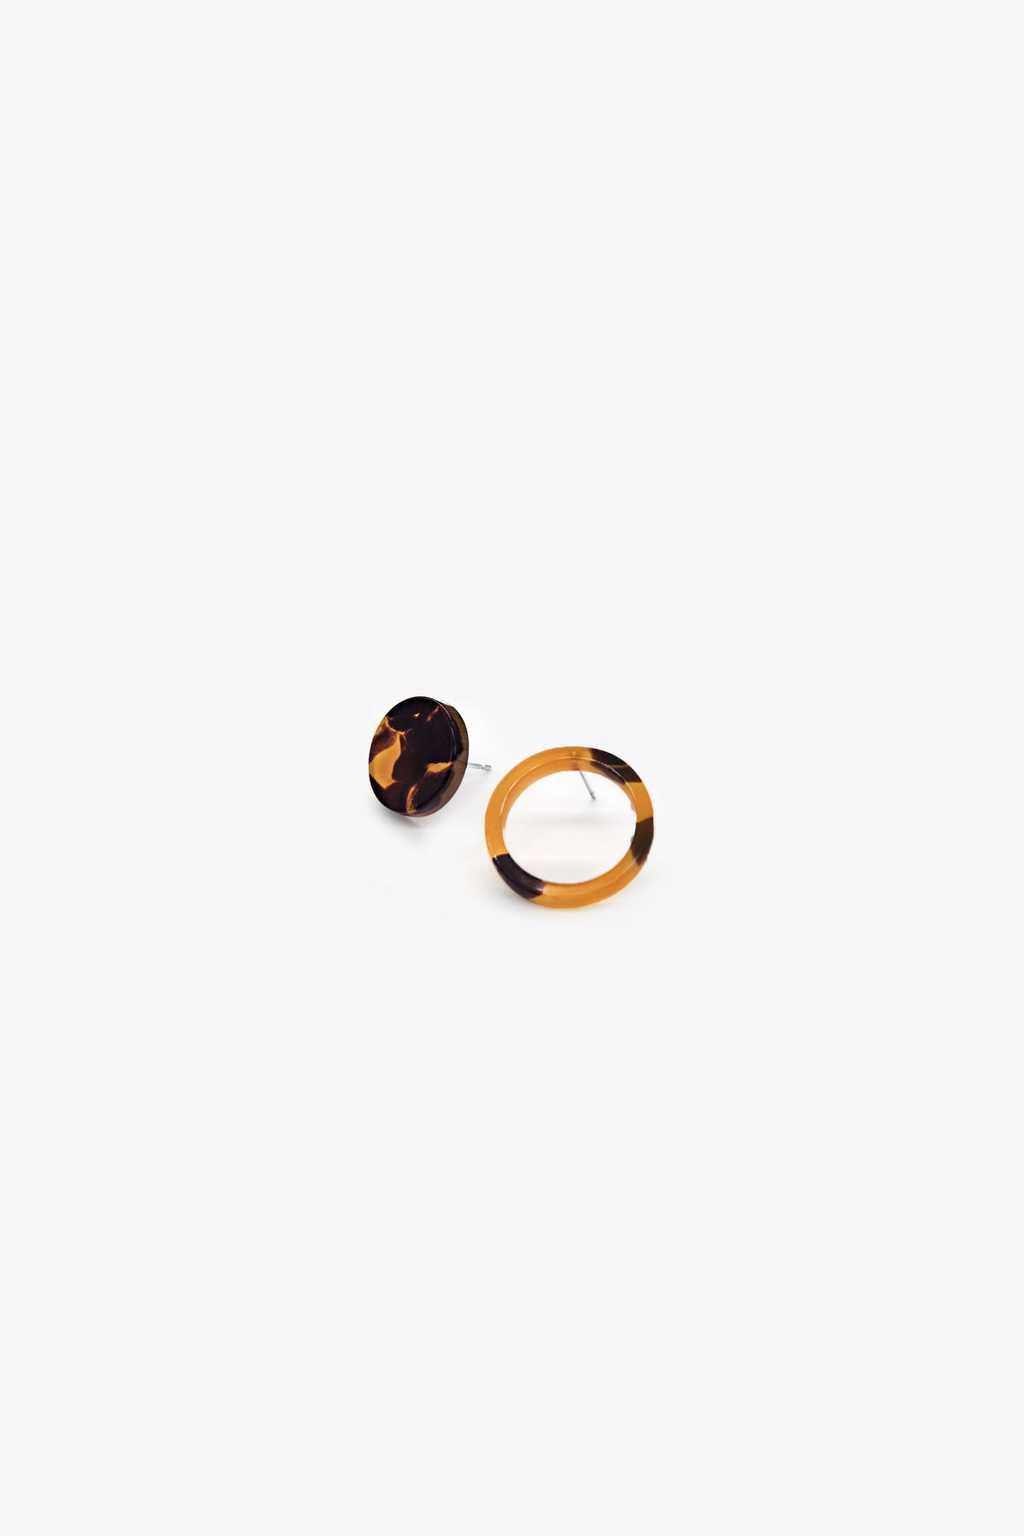 Earring H069 Brown 1